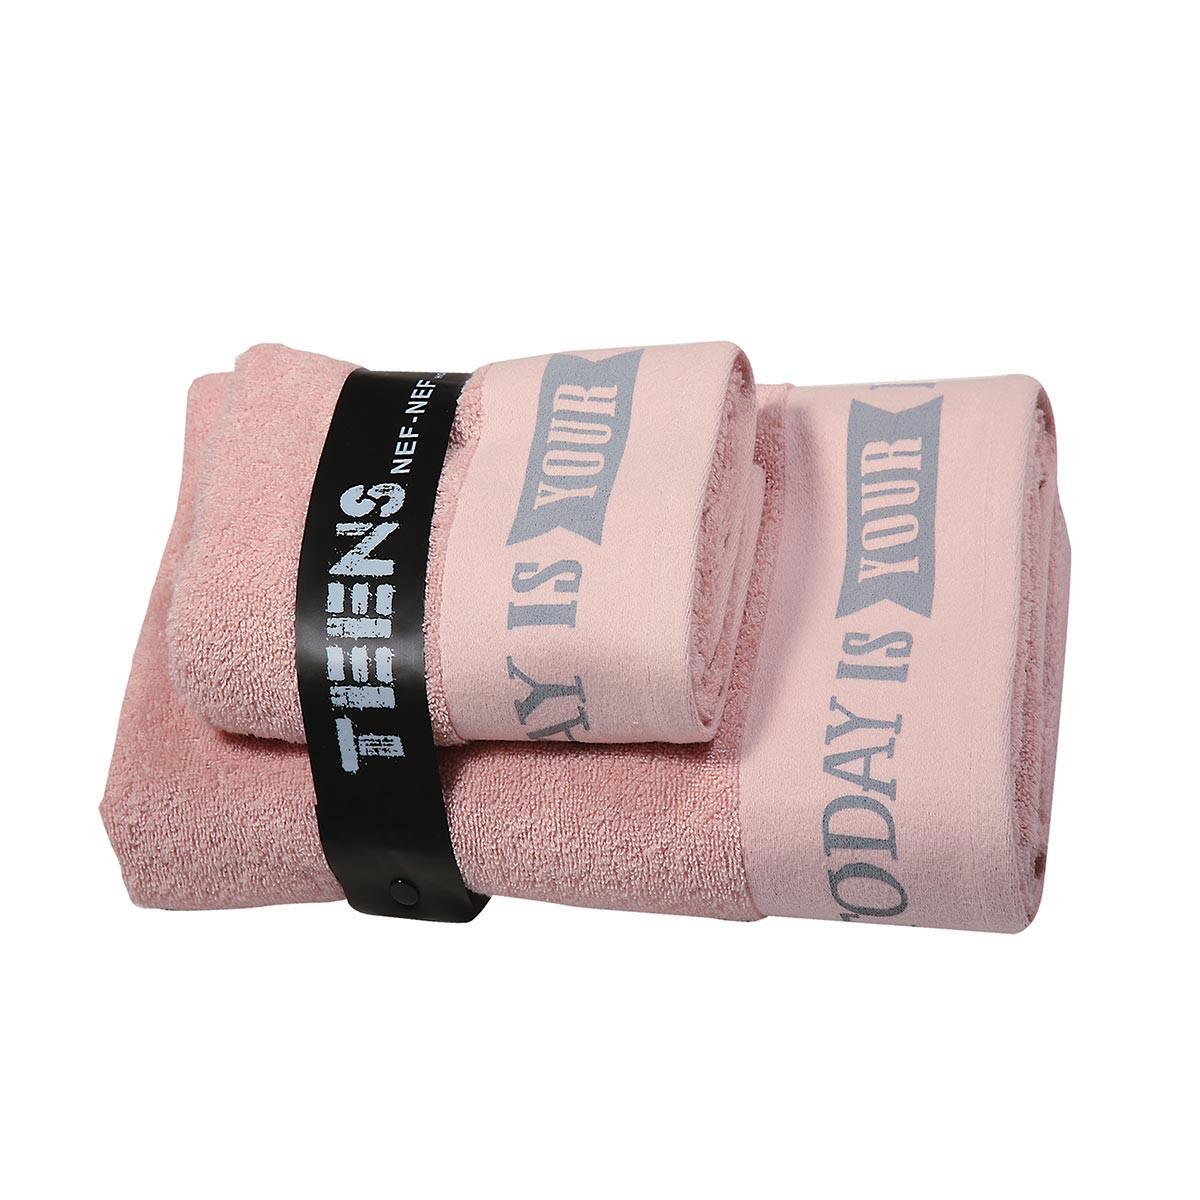 Παιδικές Πετσέτες (Σετ 2τμχ) Nef-Nef Today Is Your Day Pink